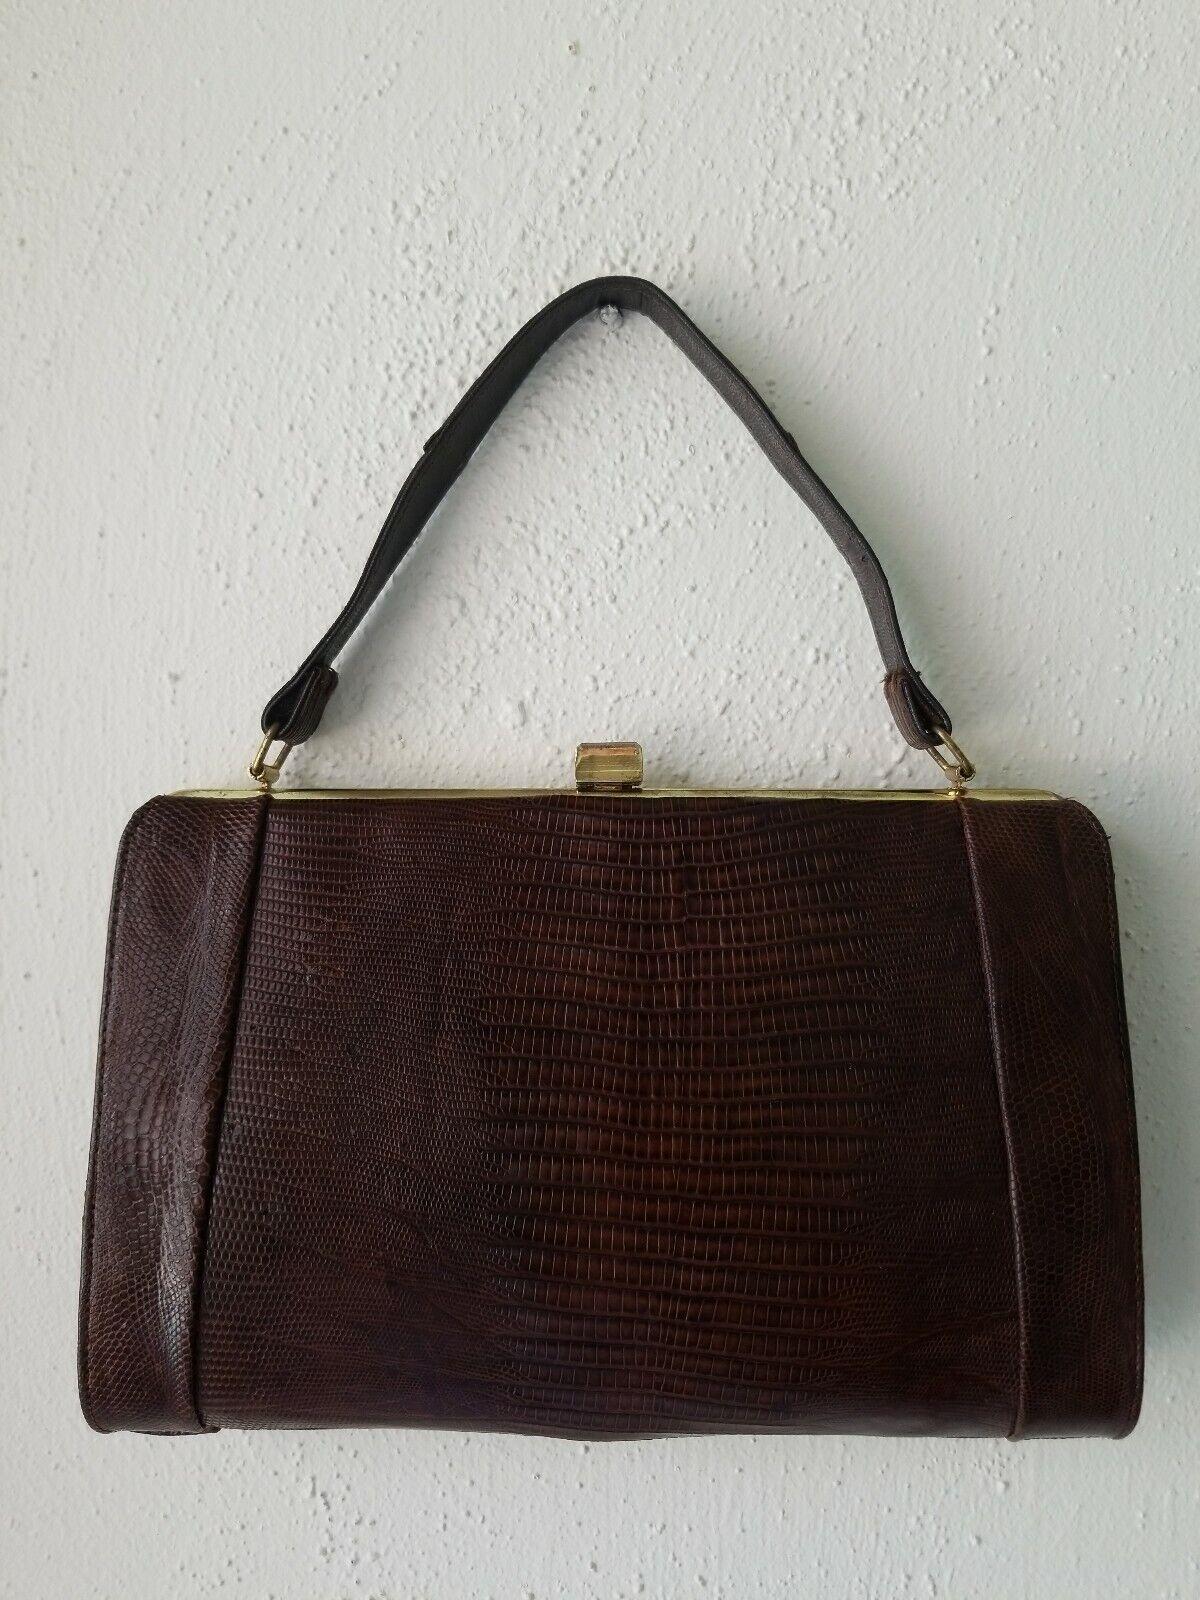 Vintage Brown Embossed Leather Hard Case Handbag Purse